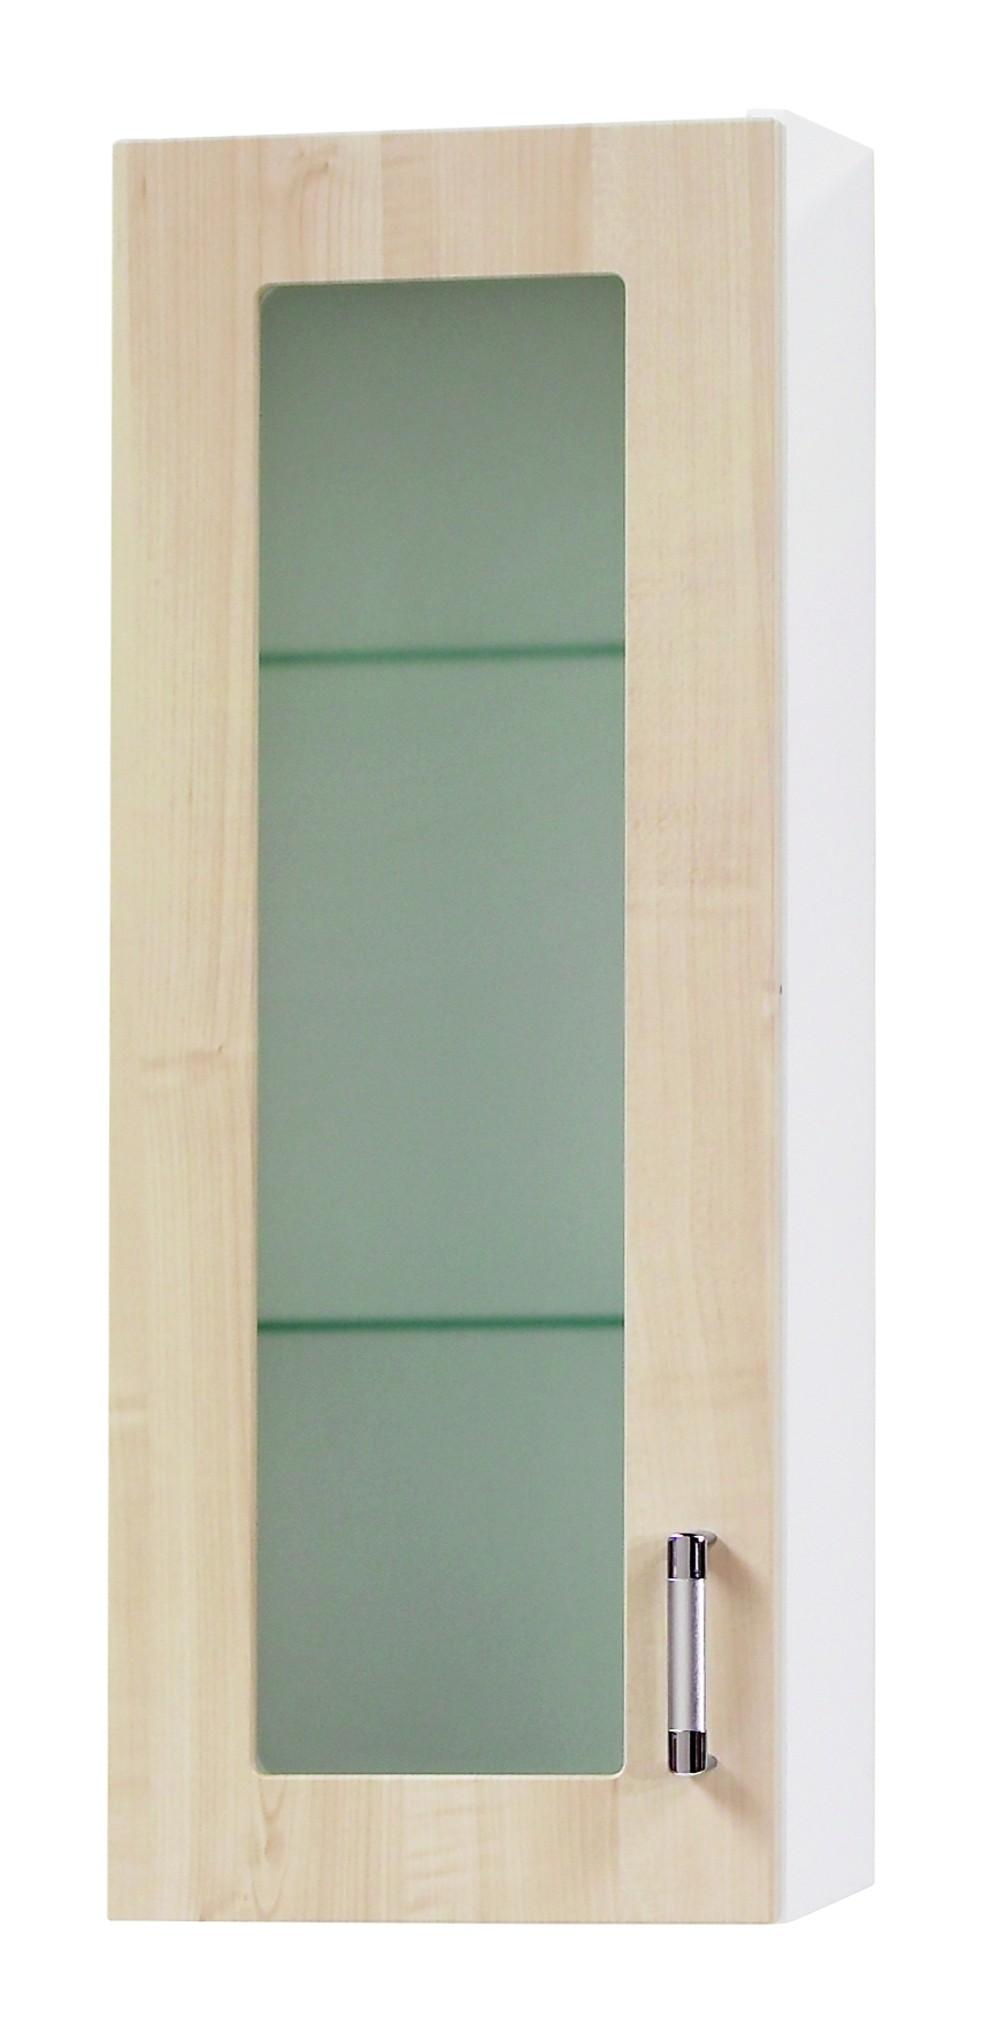 Полупенал DrejaМебель для ванной комнаты<br>Тип: полупенал,<br>Тип установки мебели для ванной: подвесной,<br>Материал изготовления мебели для ванной: дсп,<br>Цвет мебели для ванной: цвета под дерево<br>